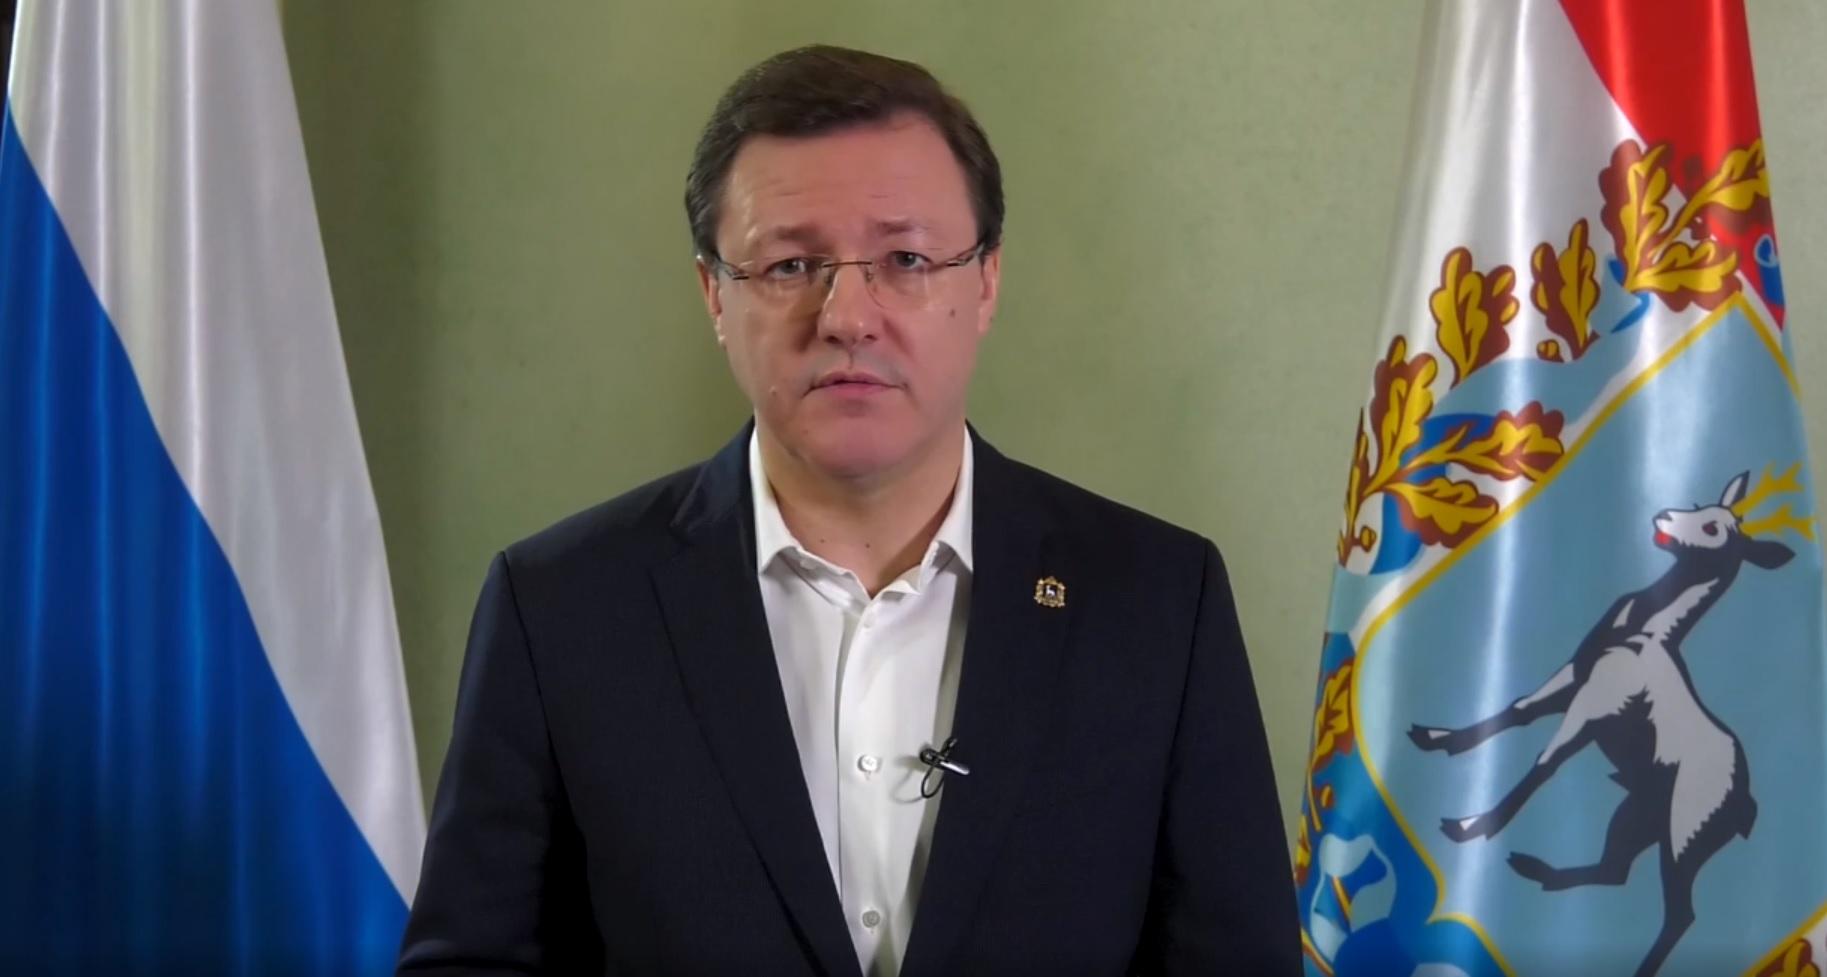 Дмитрий Азаров прокомментировал обращение президента к жителям страны